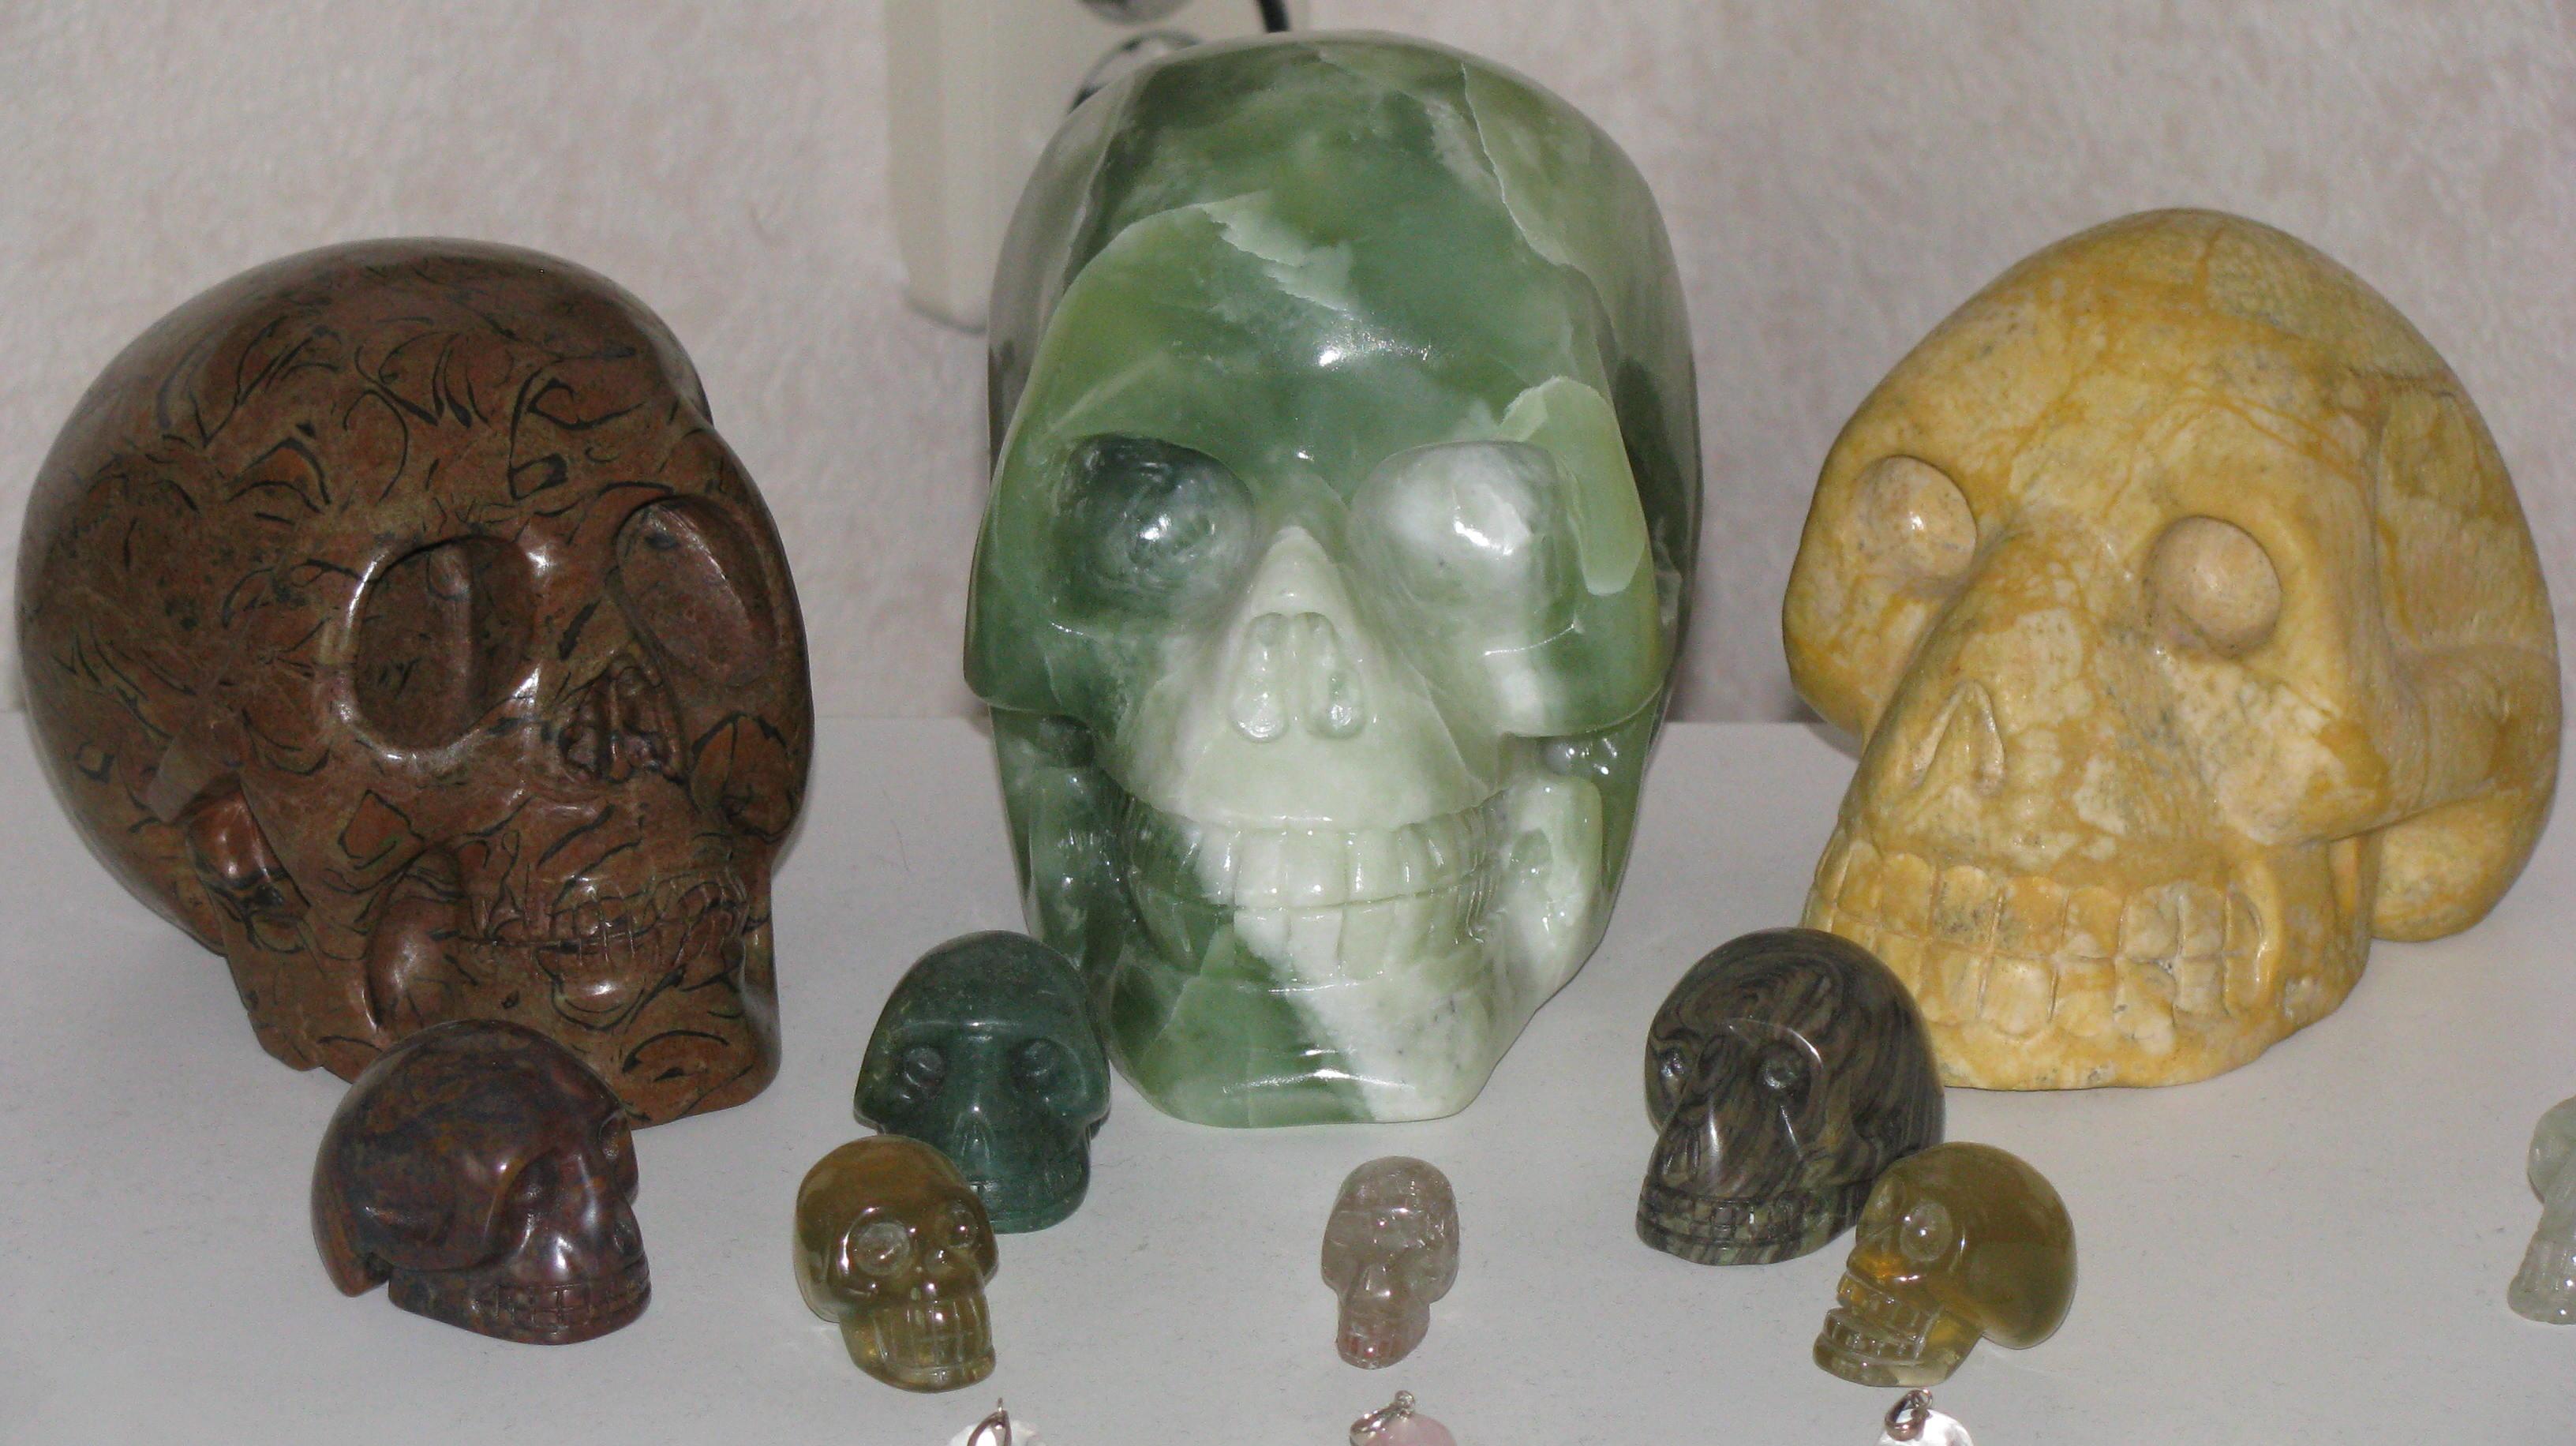 kristallen schedels te koop